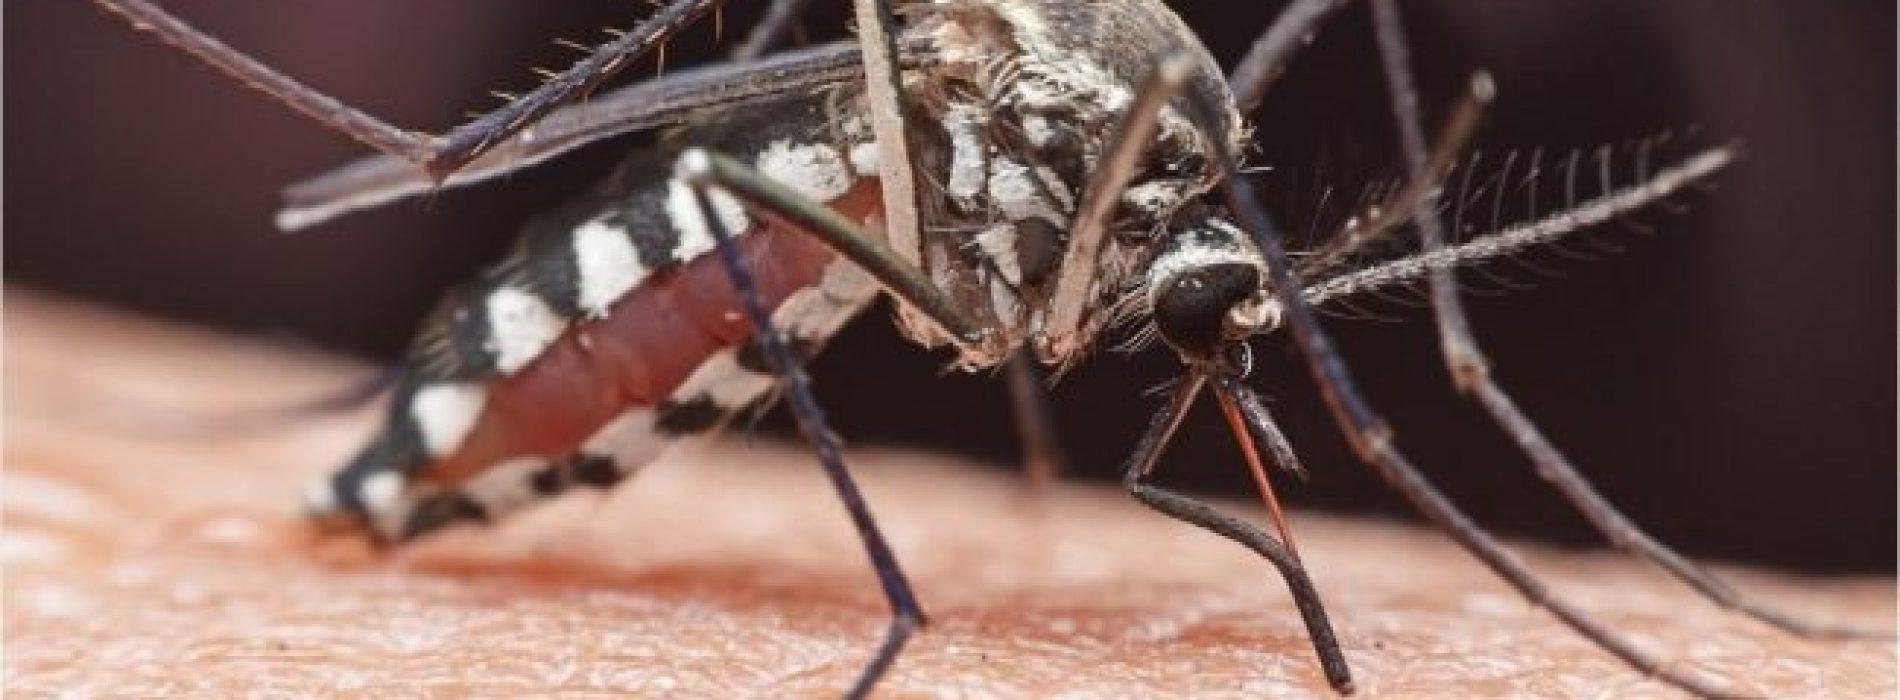 Florida Health Officials zeggen Via muggen overgedragen virus dat zwelling van de hersenen veroorzaakt, gedetecteerd in de staat